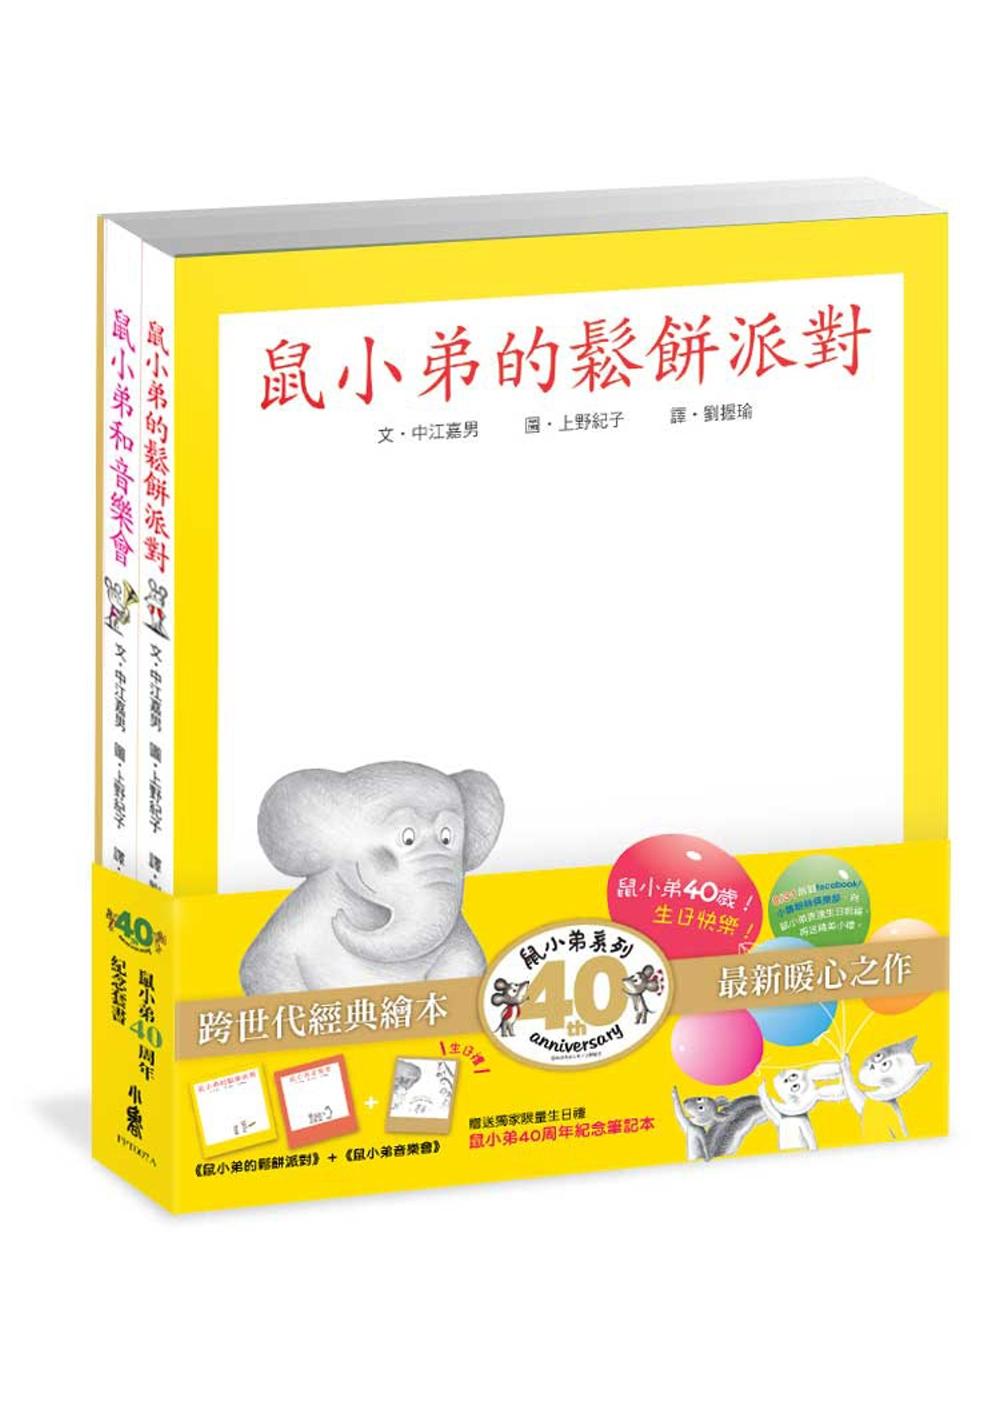 鼠小弟40周年紀念套書:《鼠小弟的鬆餅派對》、《鼠小弟音樂會》兩冊